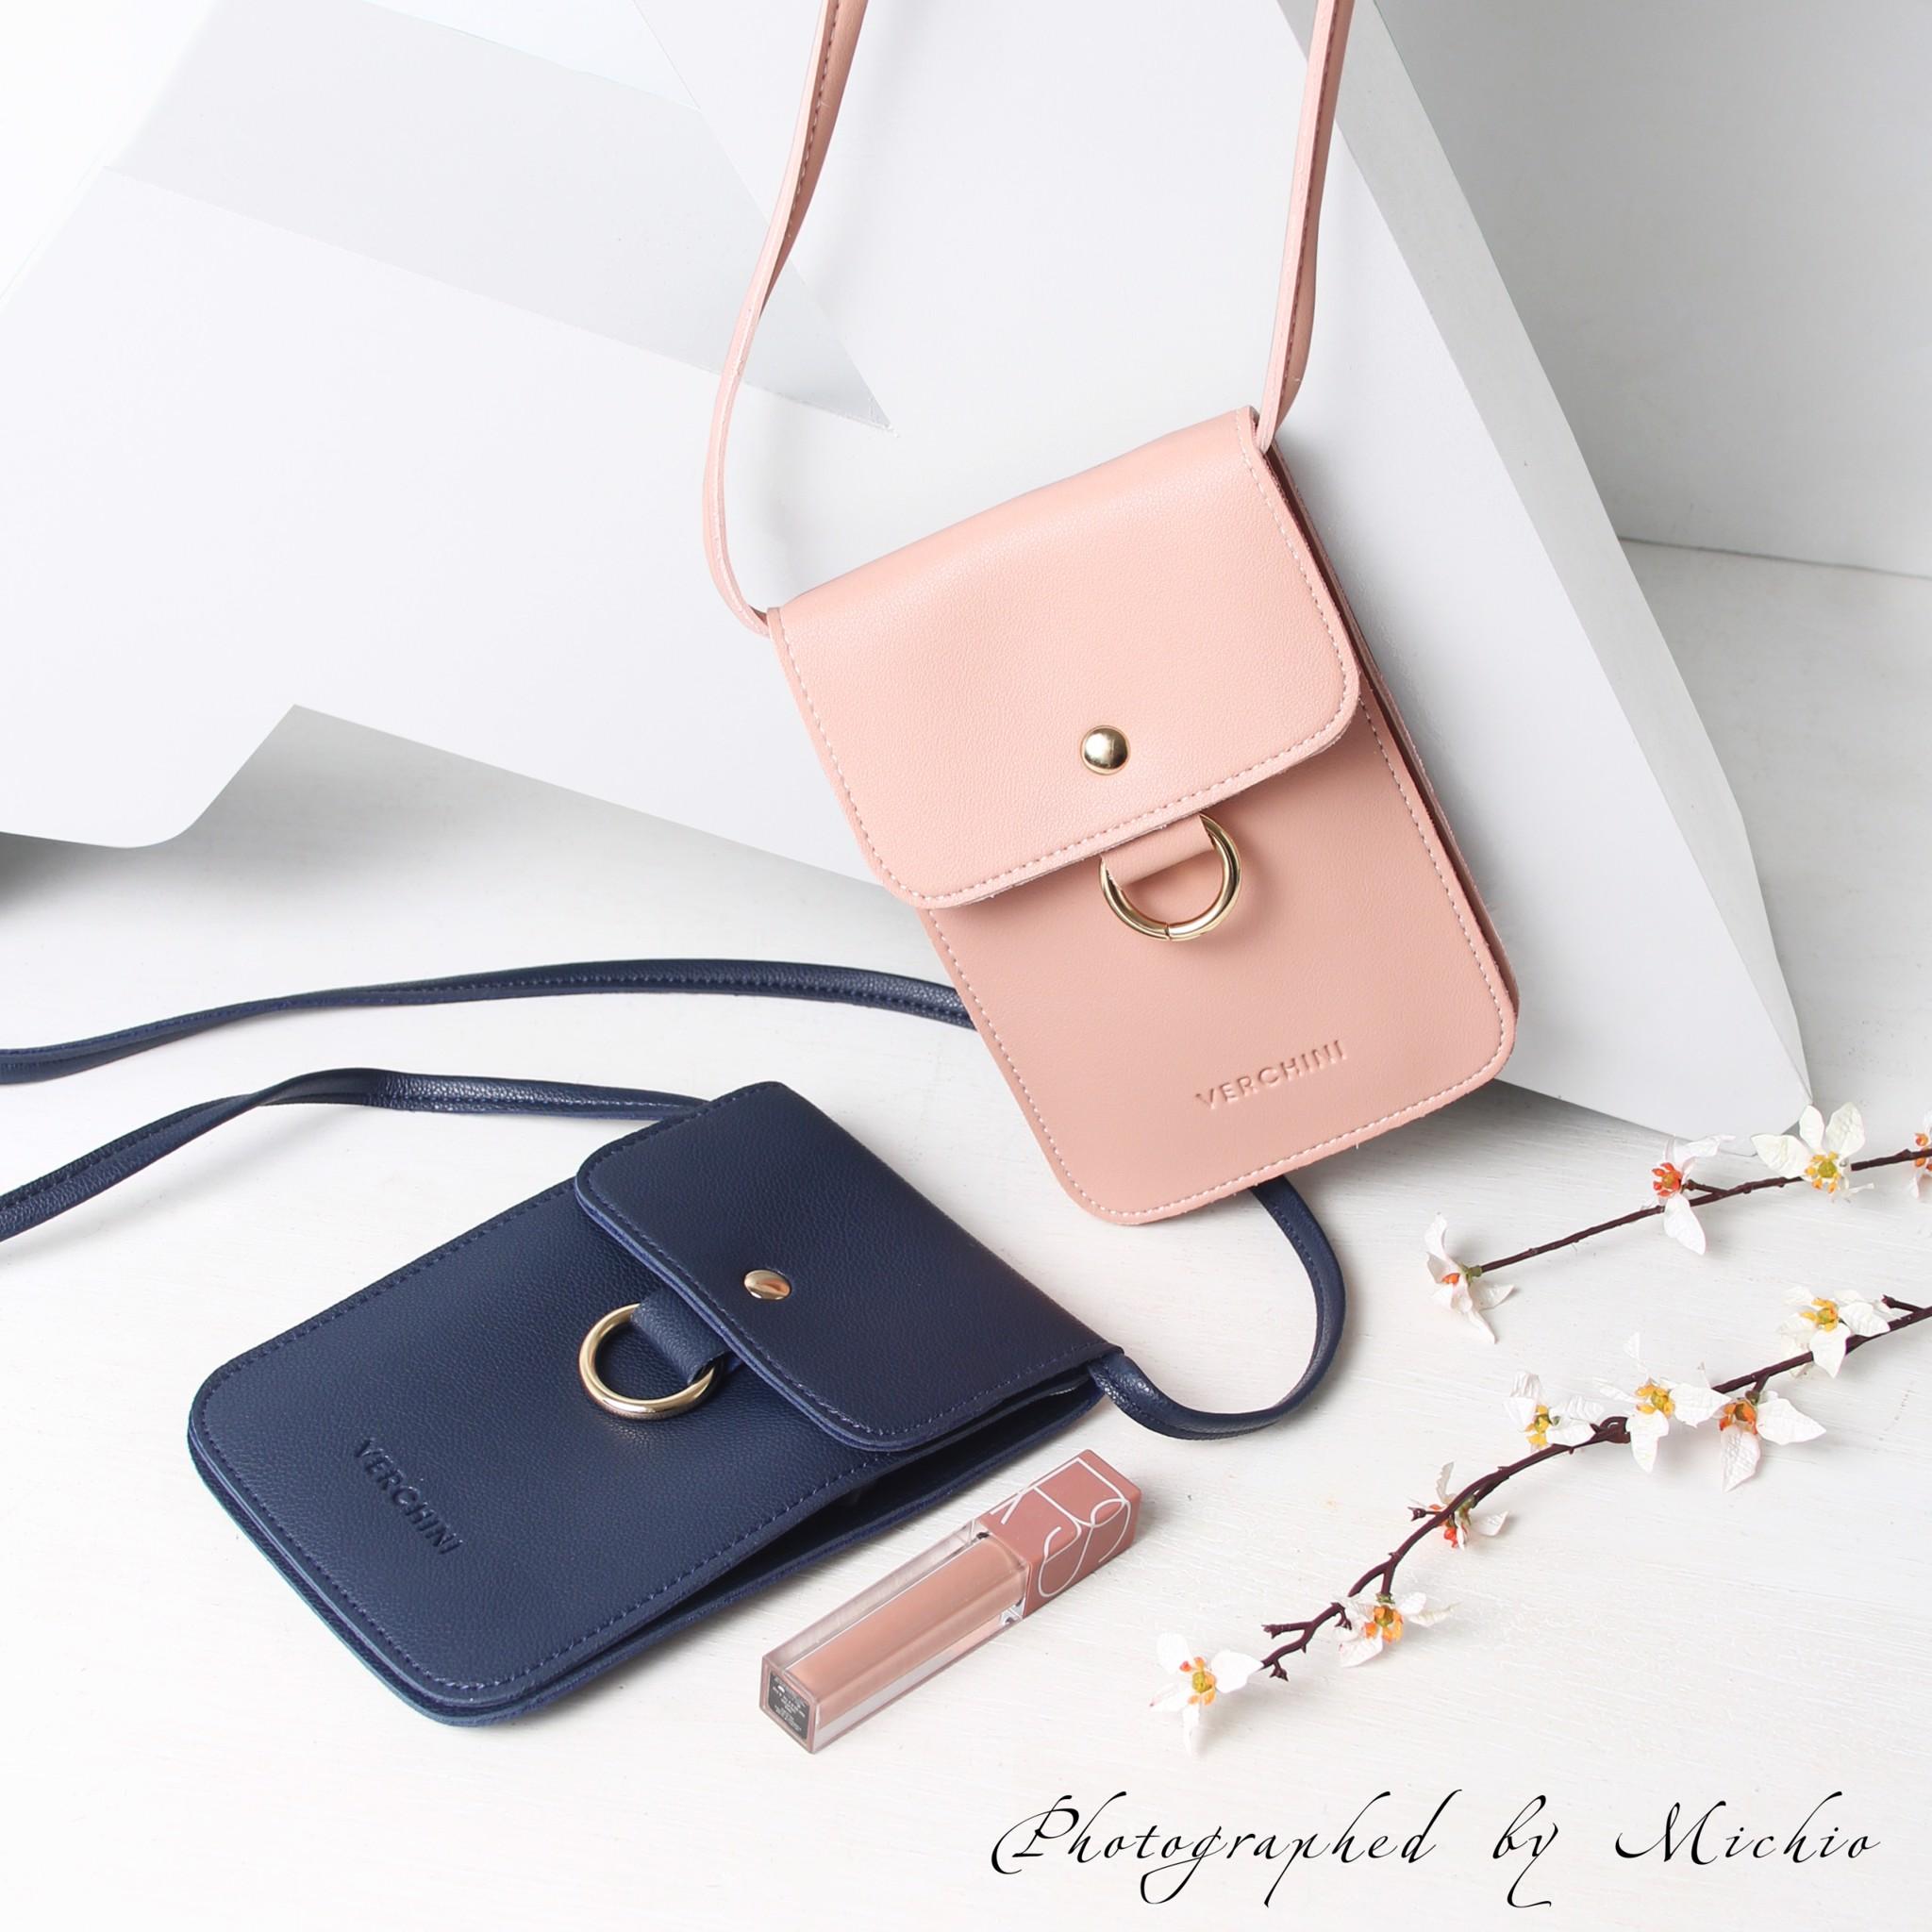 Túi điện thoại thời trang Verchini phối khoen